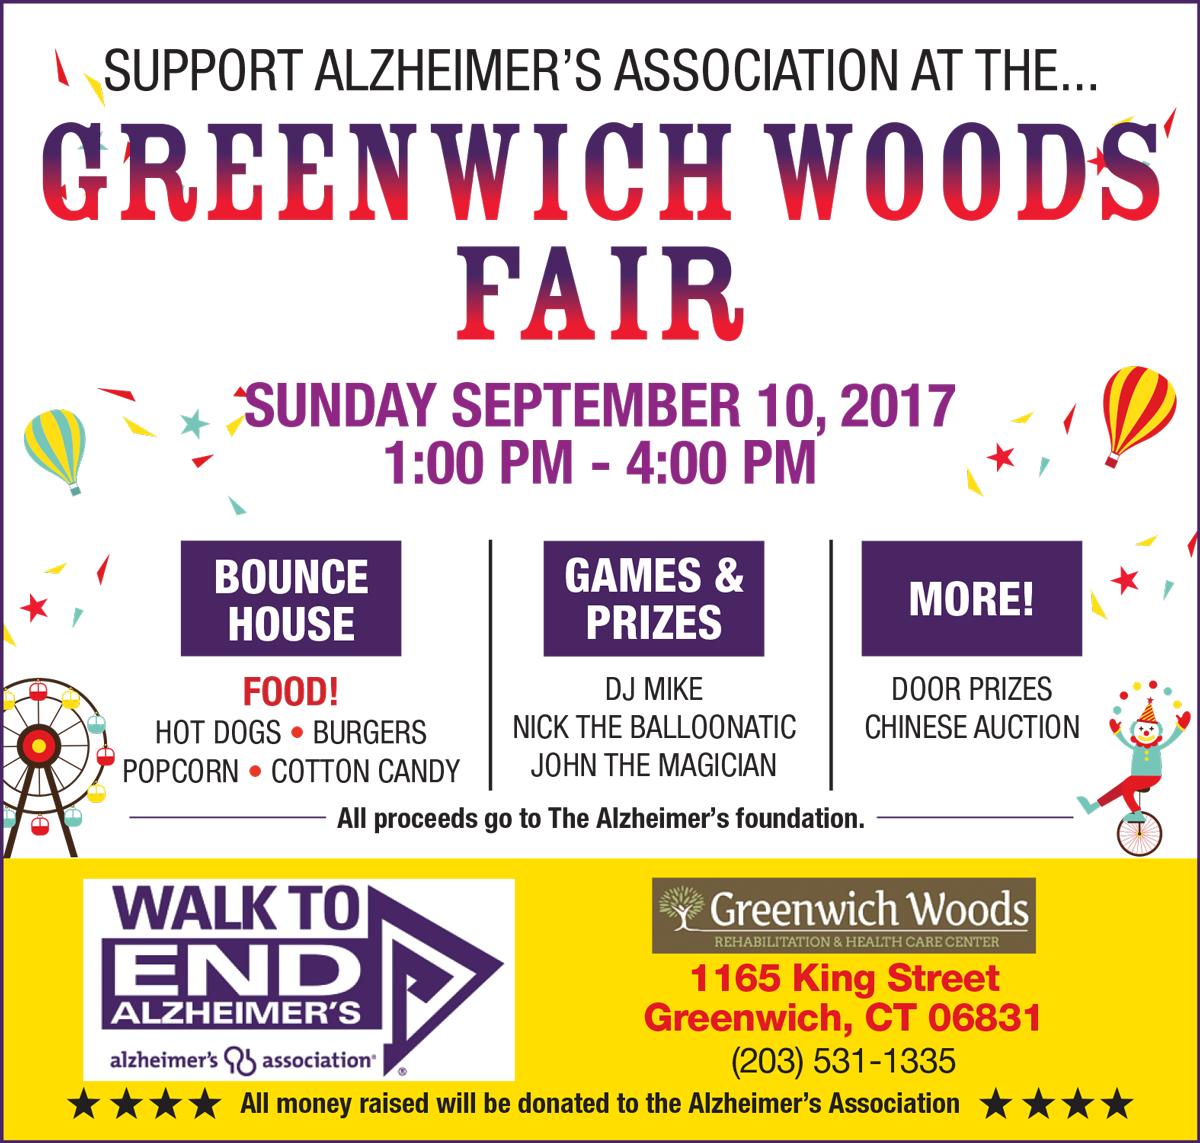 Support Alzheimer's Association - Sept. 10th